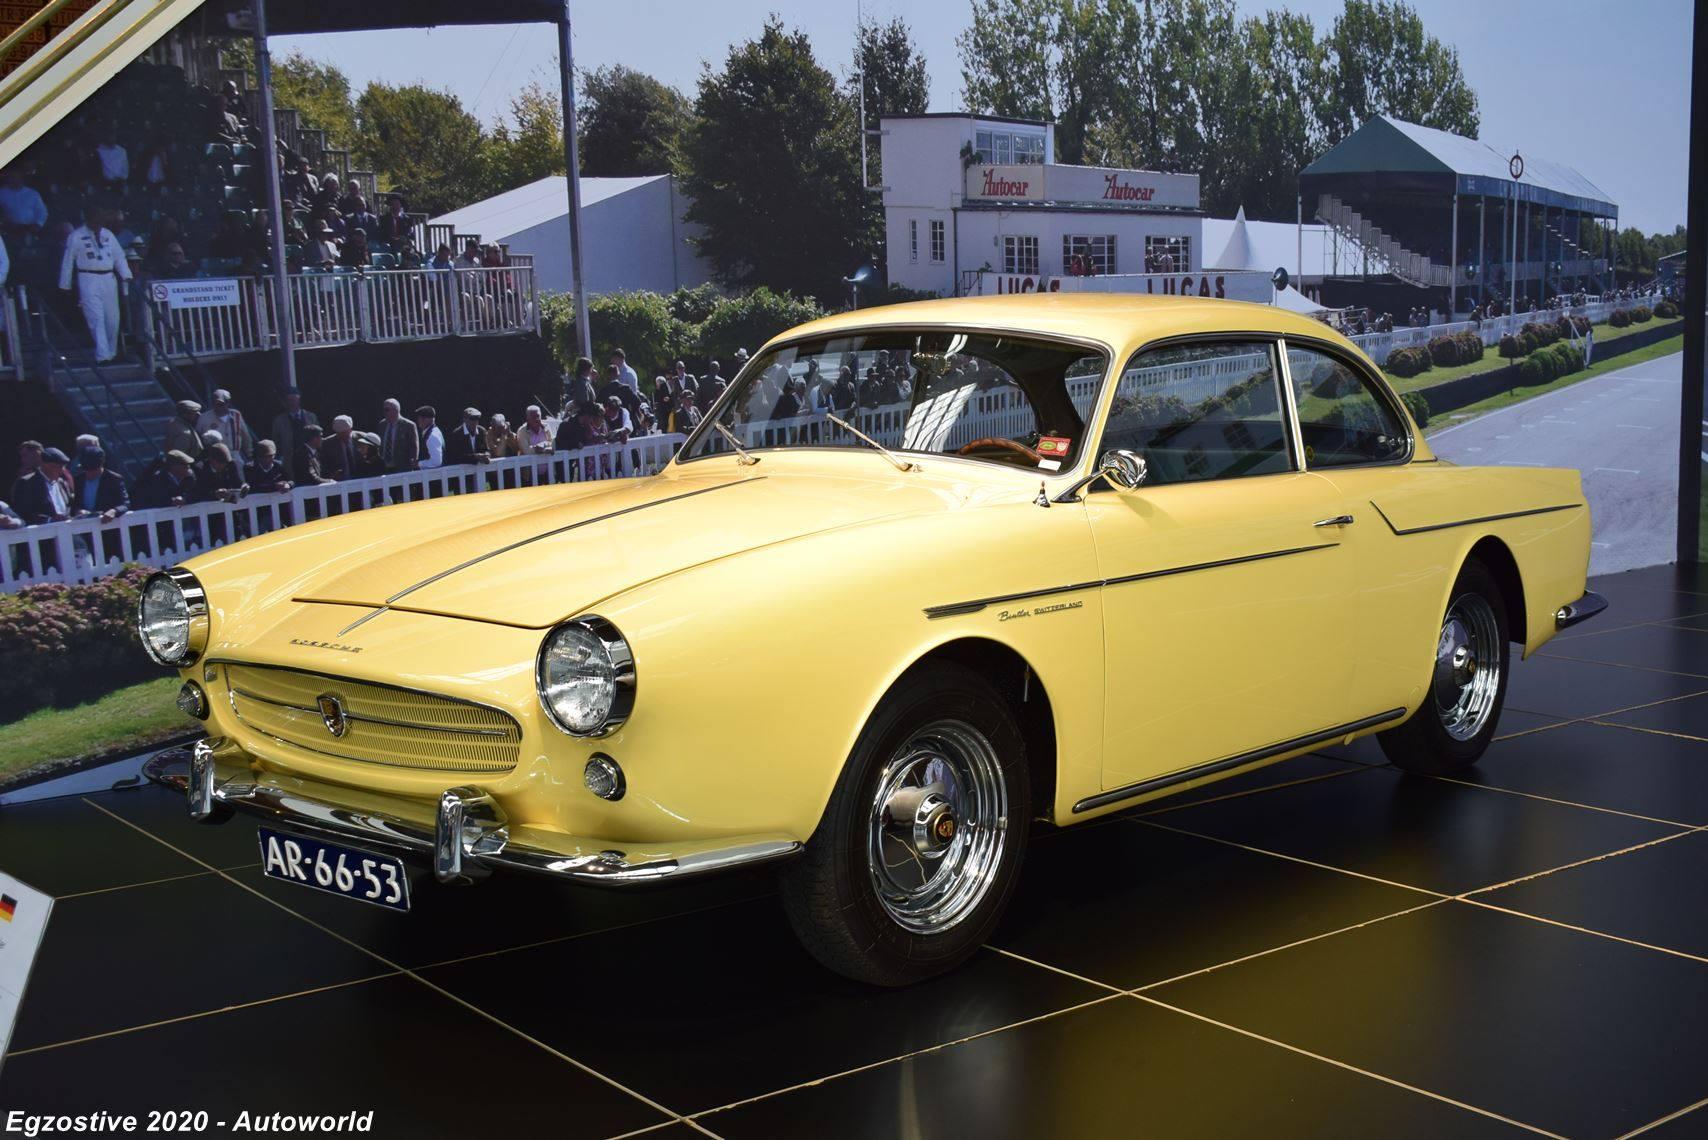 Porsche-Beutler-4-Zits-356-Coupe--